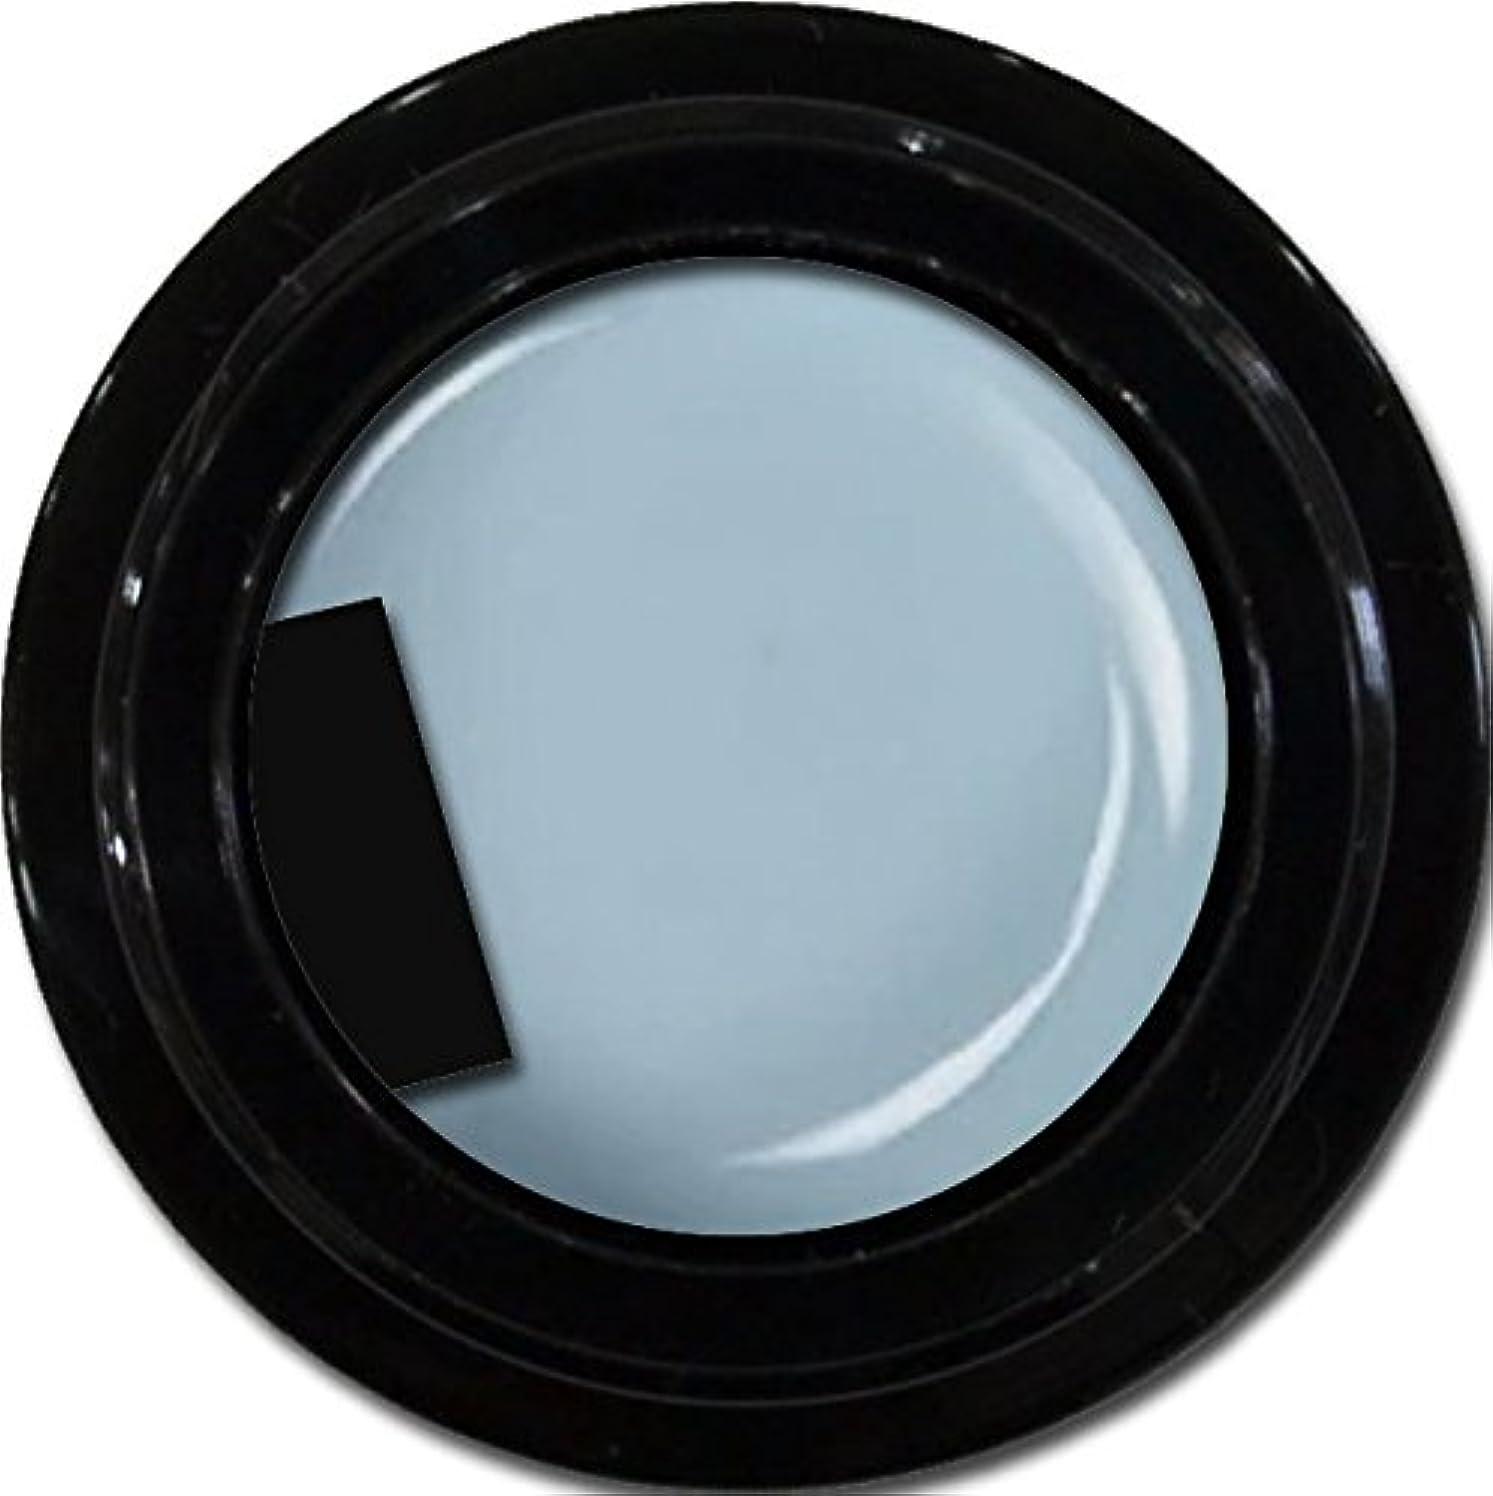 禁止するペンフレンド冷淡なカラージェル enchant color gel M705 SmokeBlue 3g/ マットカラージェル M705 スモークブルー 3グラム